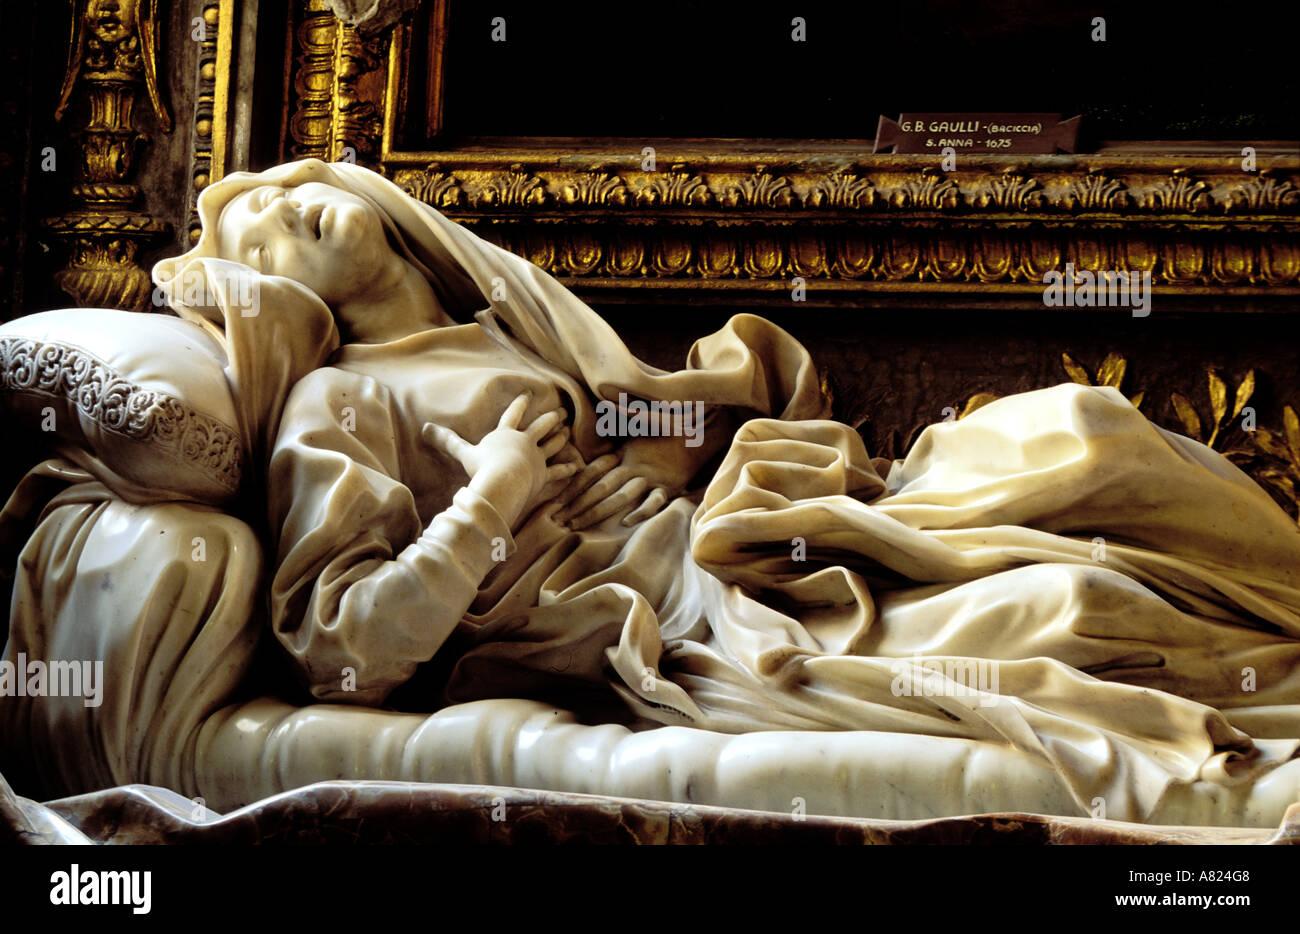 Italy, Lazio, Rome, the Blessed Ludovica Albertoni by the sculptor Bernini - Stock Image